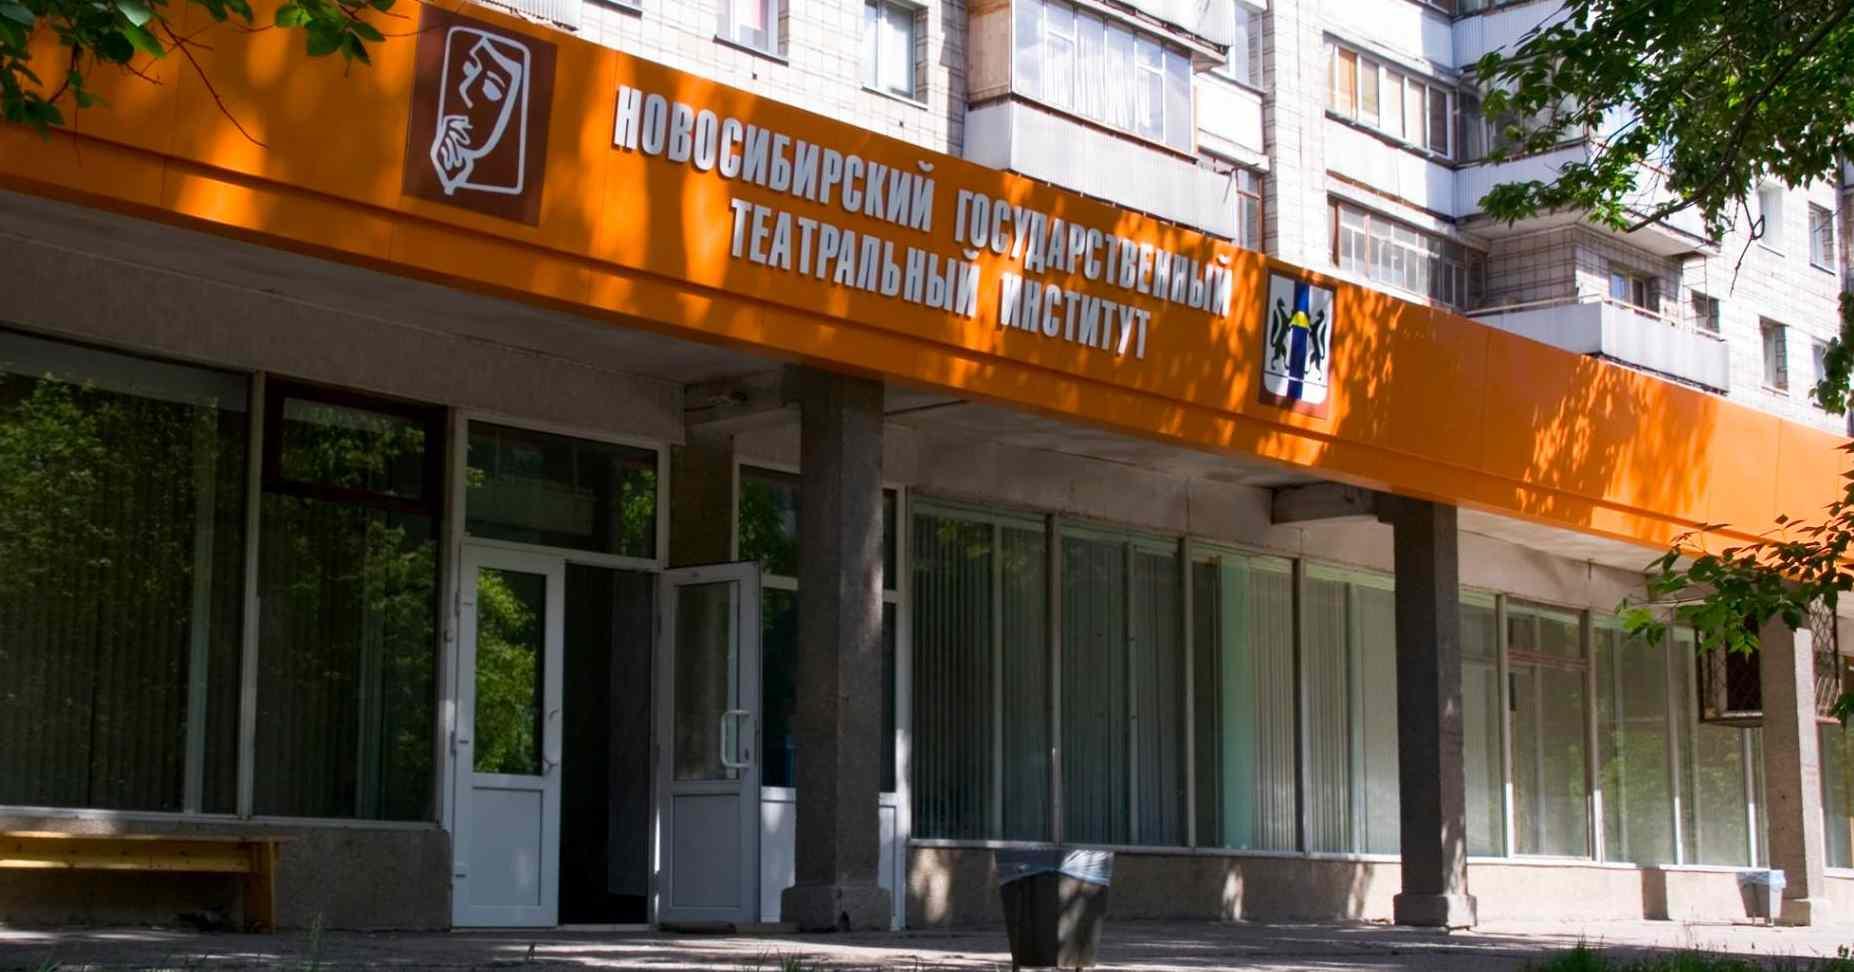 Учителей школ научат преподаванию художественного слова — курсы повышения квалификации открылись в Новосибирском театральном институте